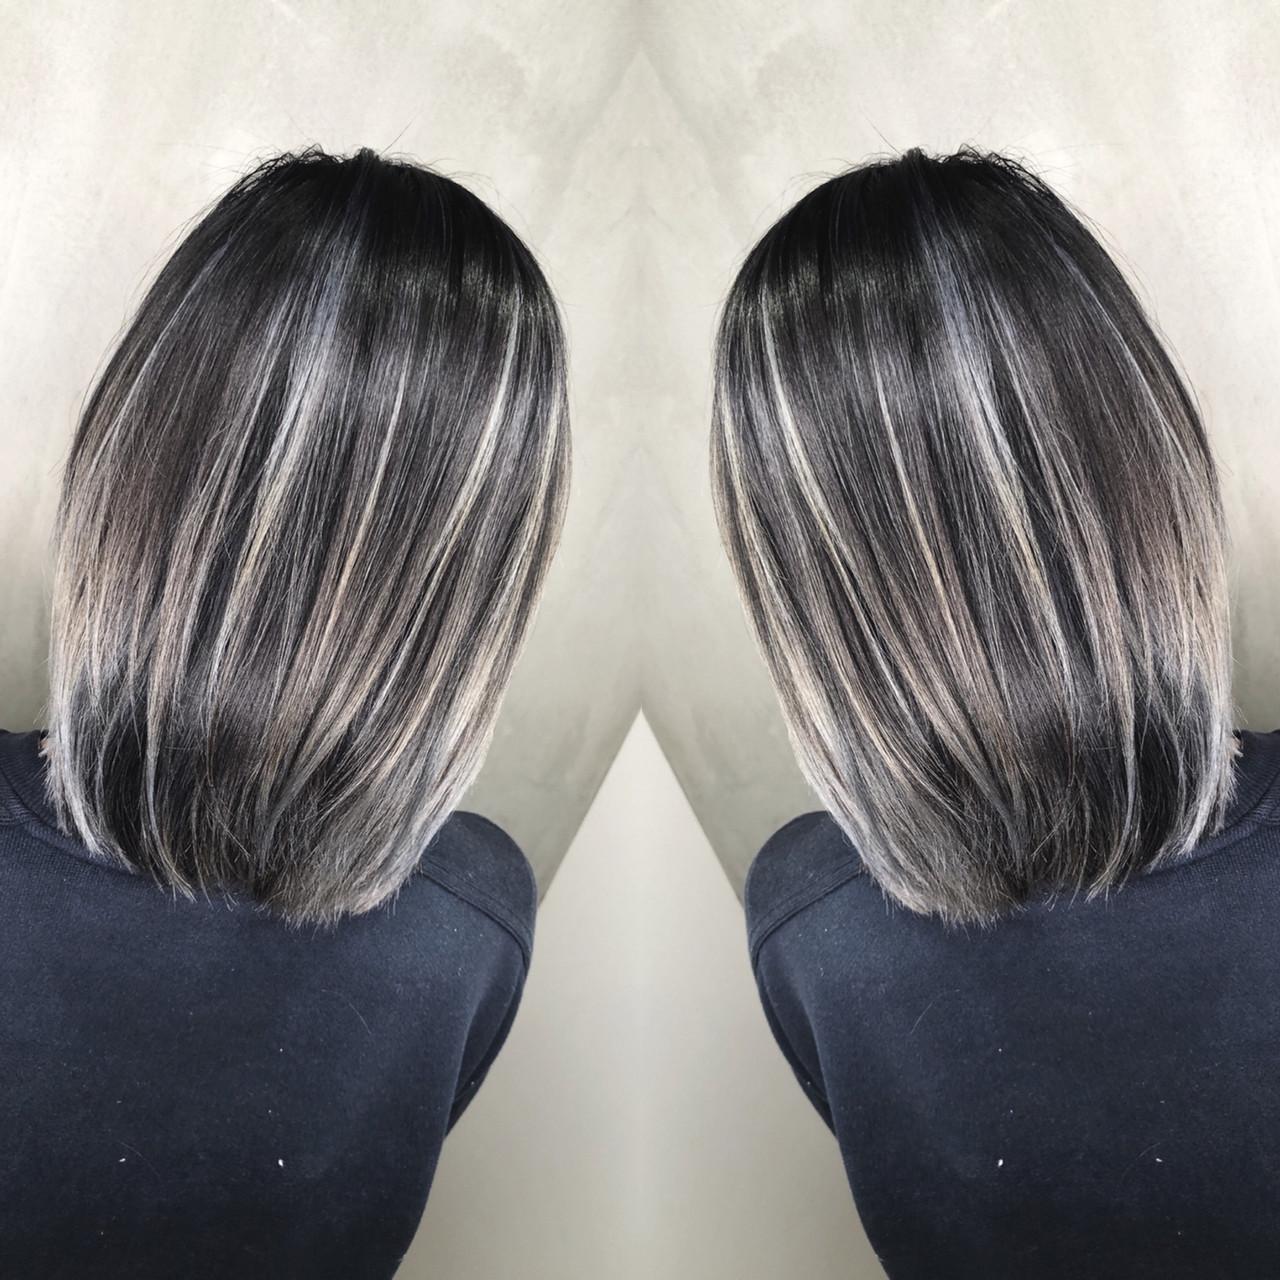 グラデーションカラー ボブ ストリート ハイライトヘアスタイルや髪型の写真・画像